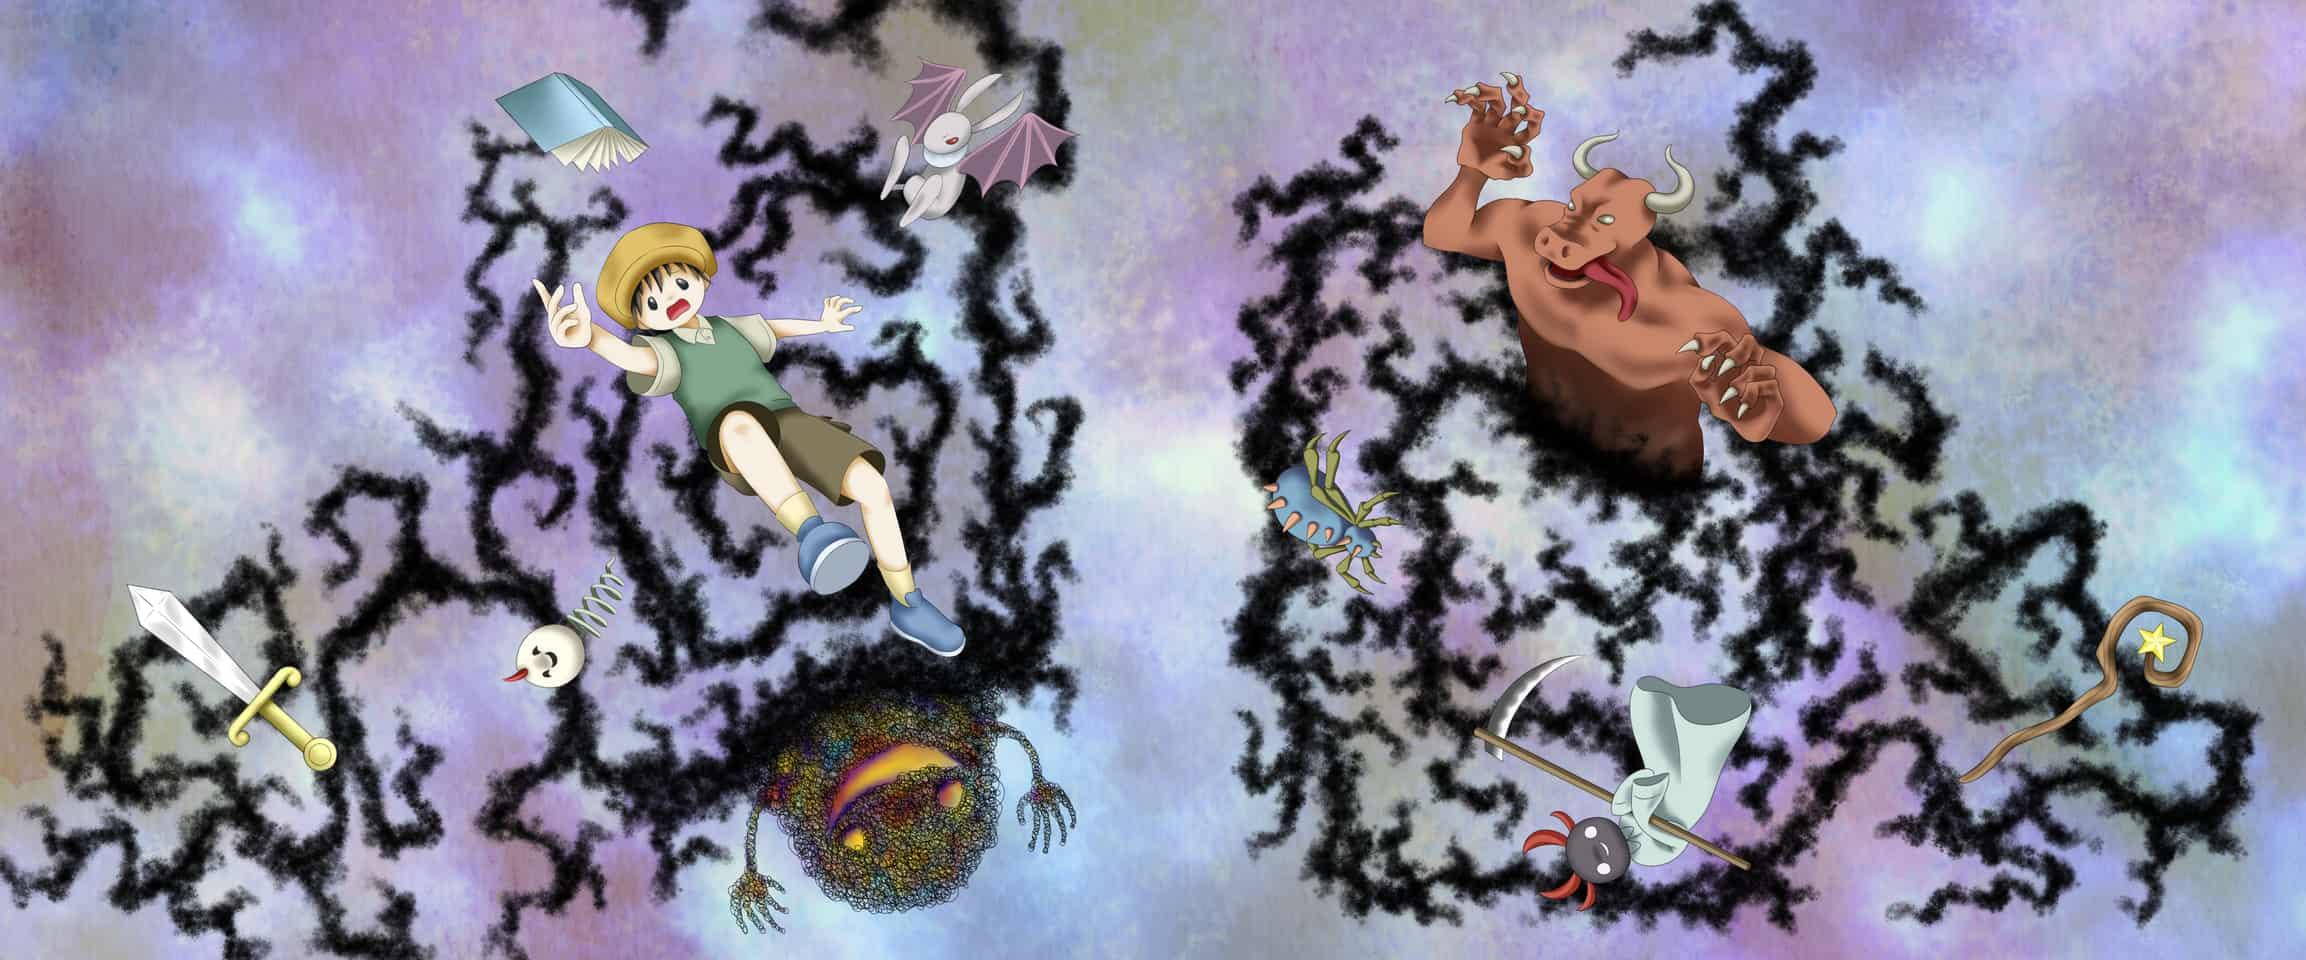 ぐるりと Illust of サクラリク Spinning_contest CLIPSTUDIOPAINT original